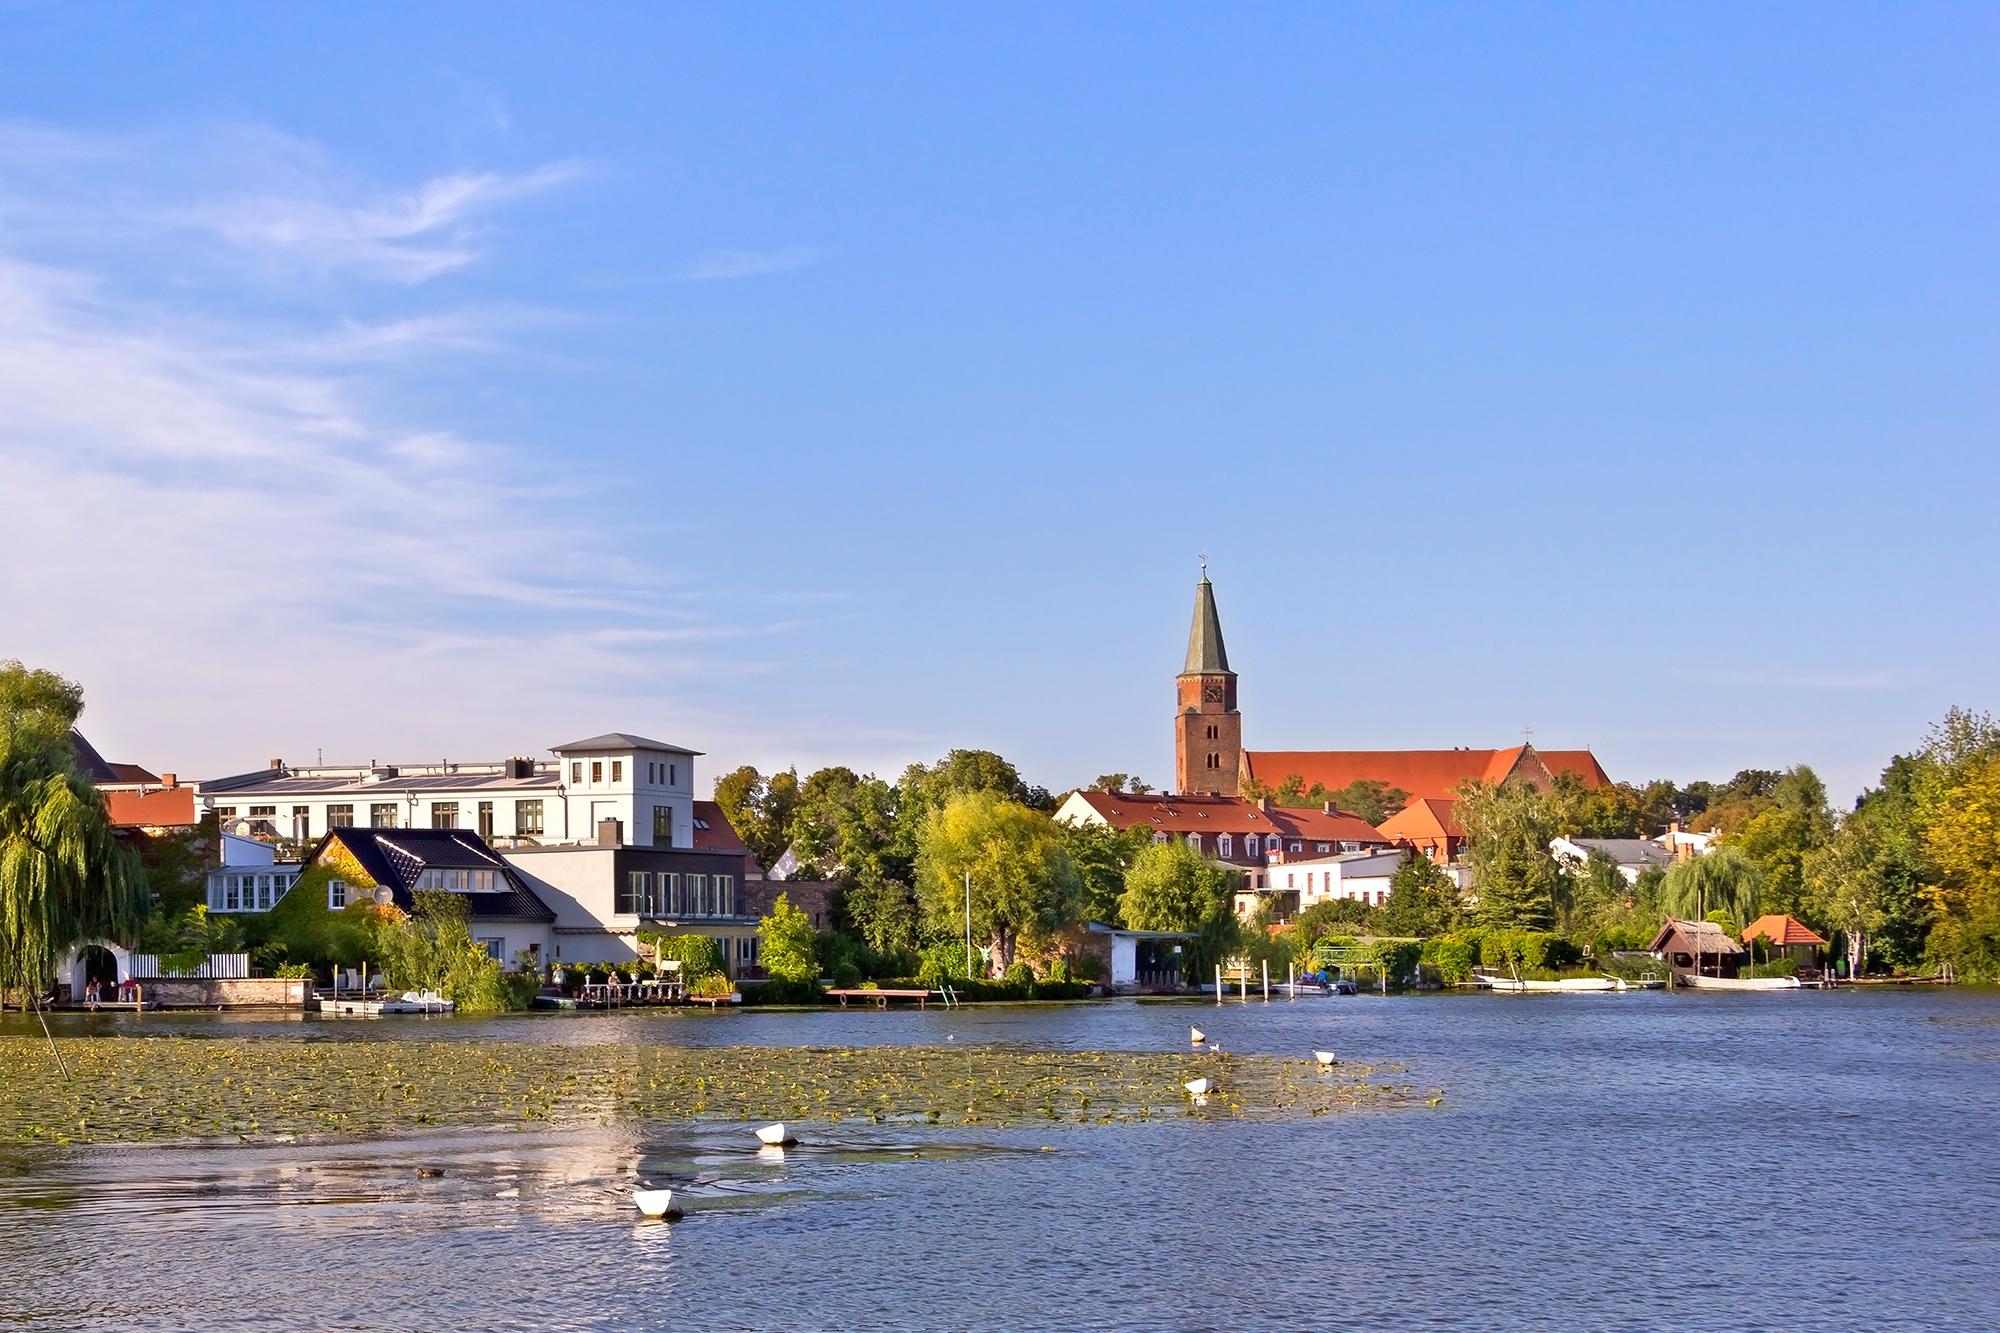 Urlaub Brandenburg 187 Reisen F 252 R Urlaub Auf Dem Land Tui